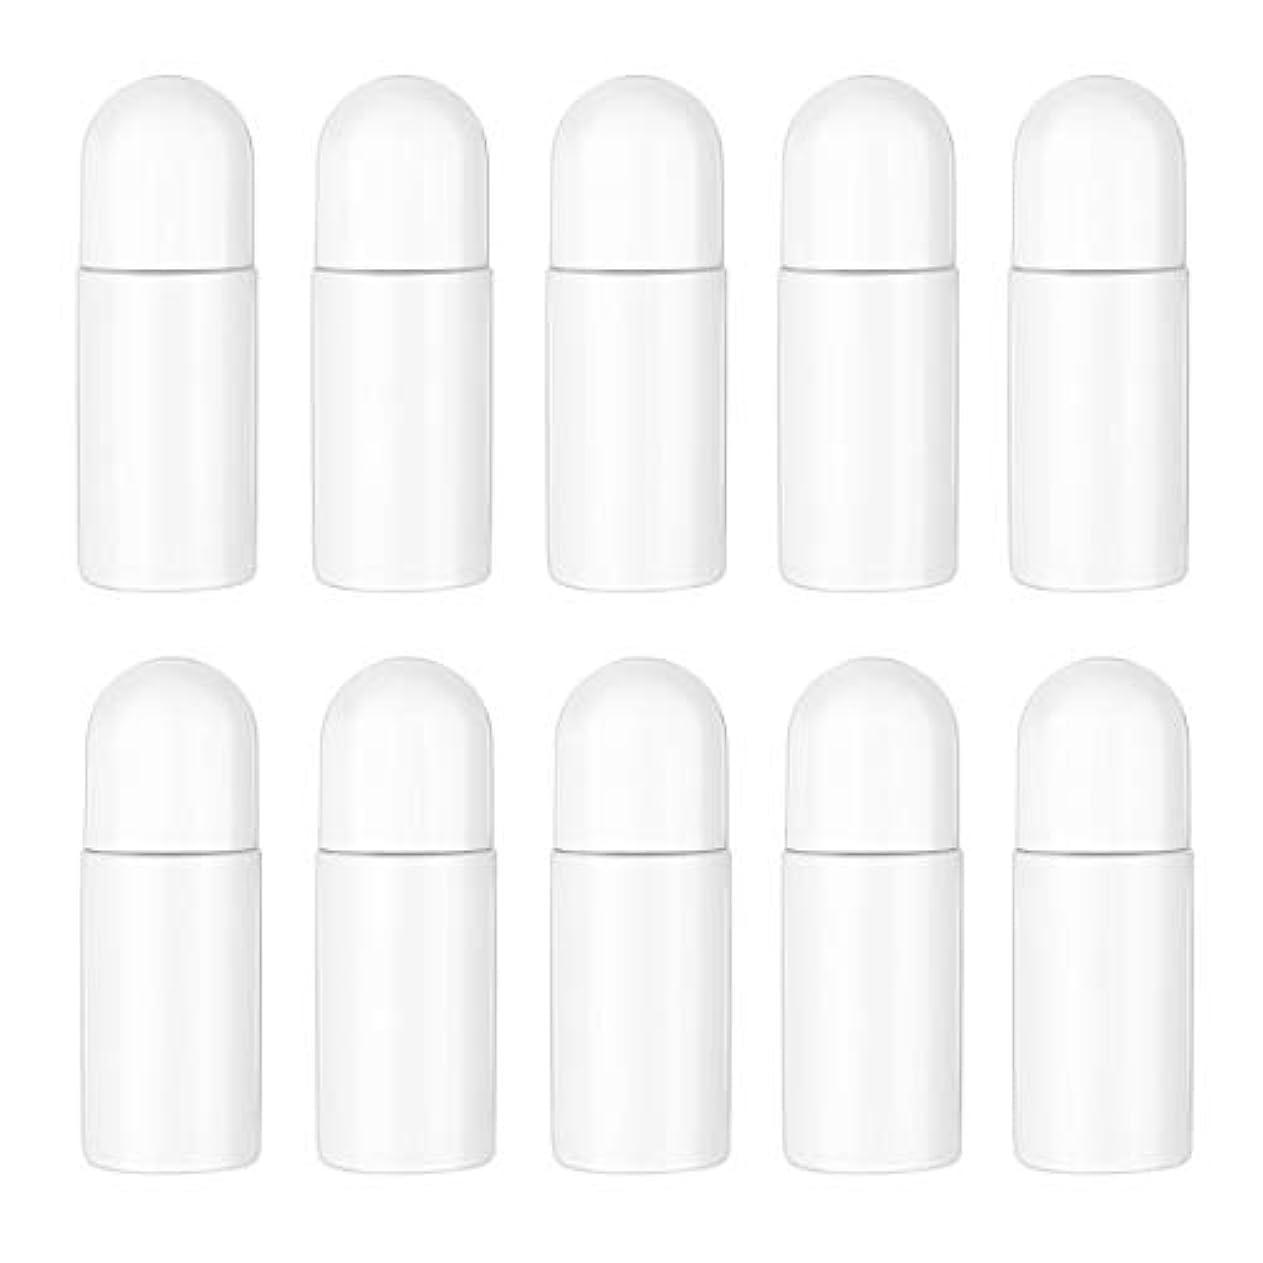 開発する各ぐるぐるHealifty エッセンシャルオイル香水化粧品50 ml(白)の10ピースプラスチックローラーボトル空の詰め替え可能なローラーボールボトル